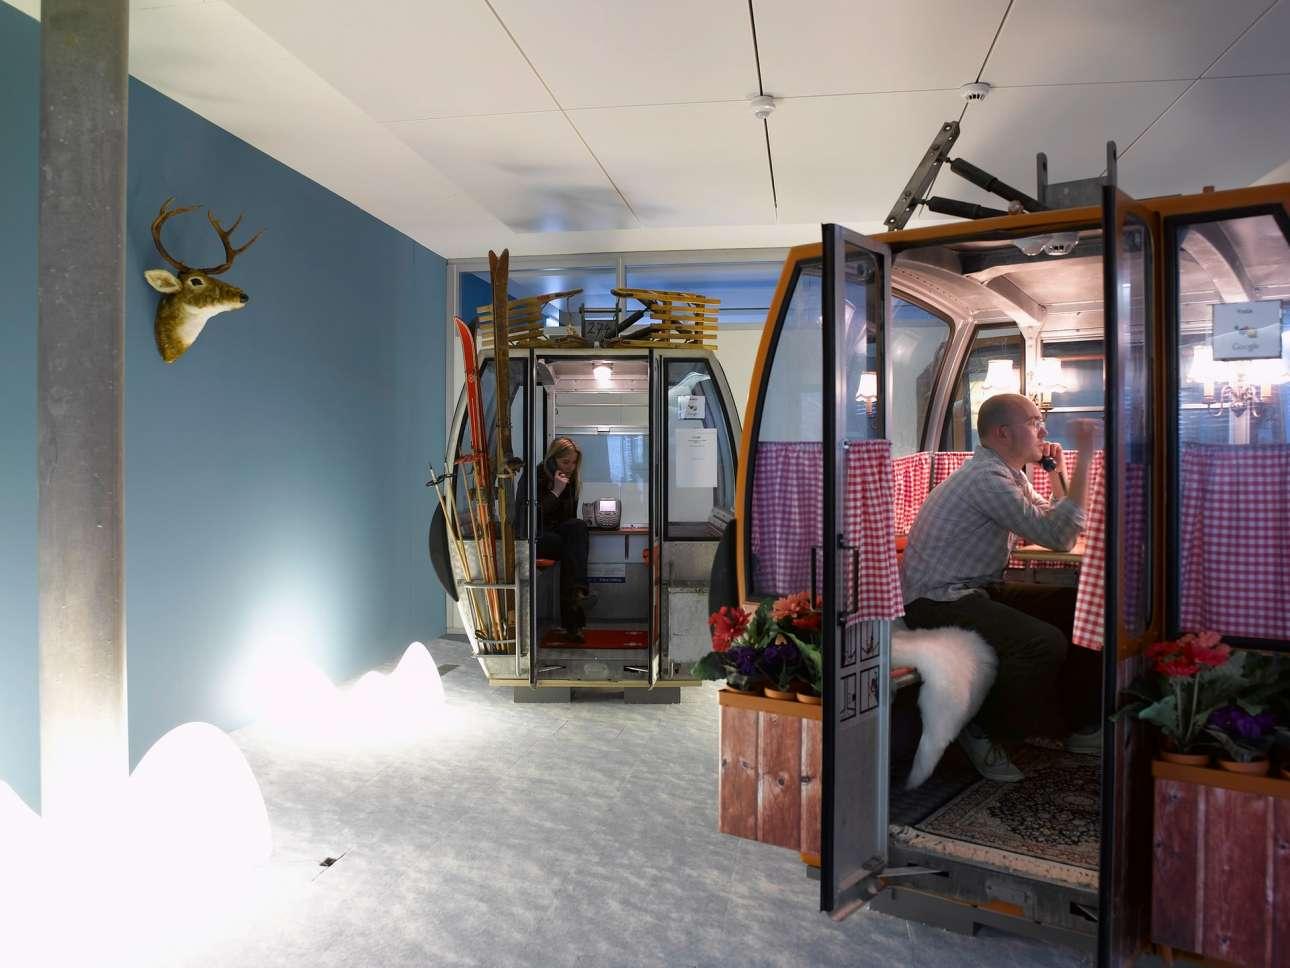 Μία ακόμη ασυνήθιστη αίθουσα συσκέψεων με βαγόνια τελεφερίκ